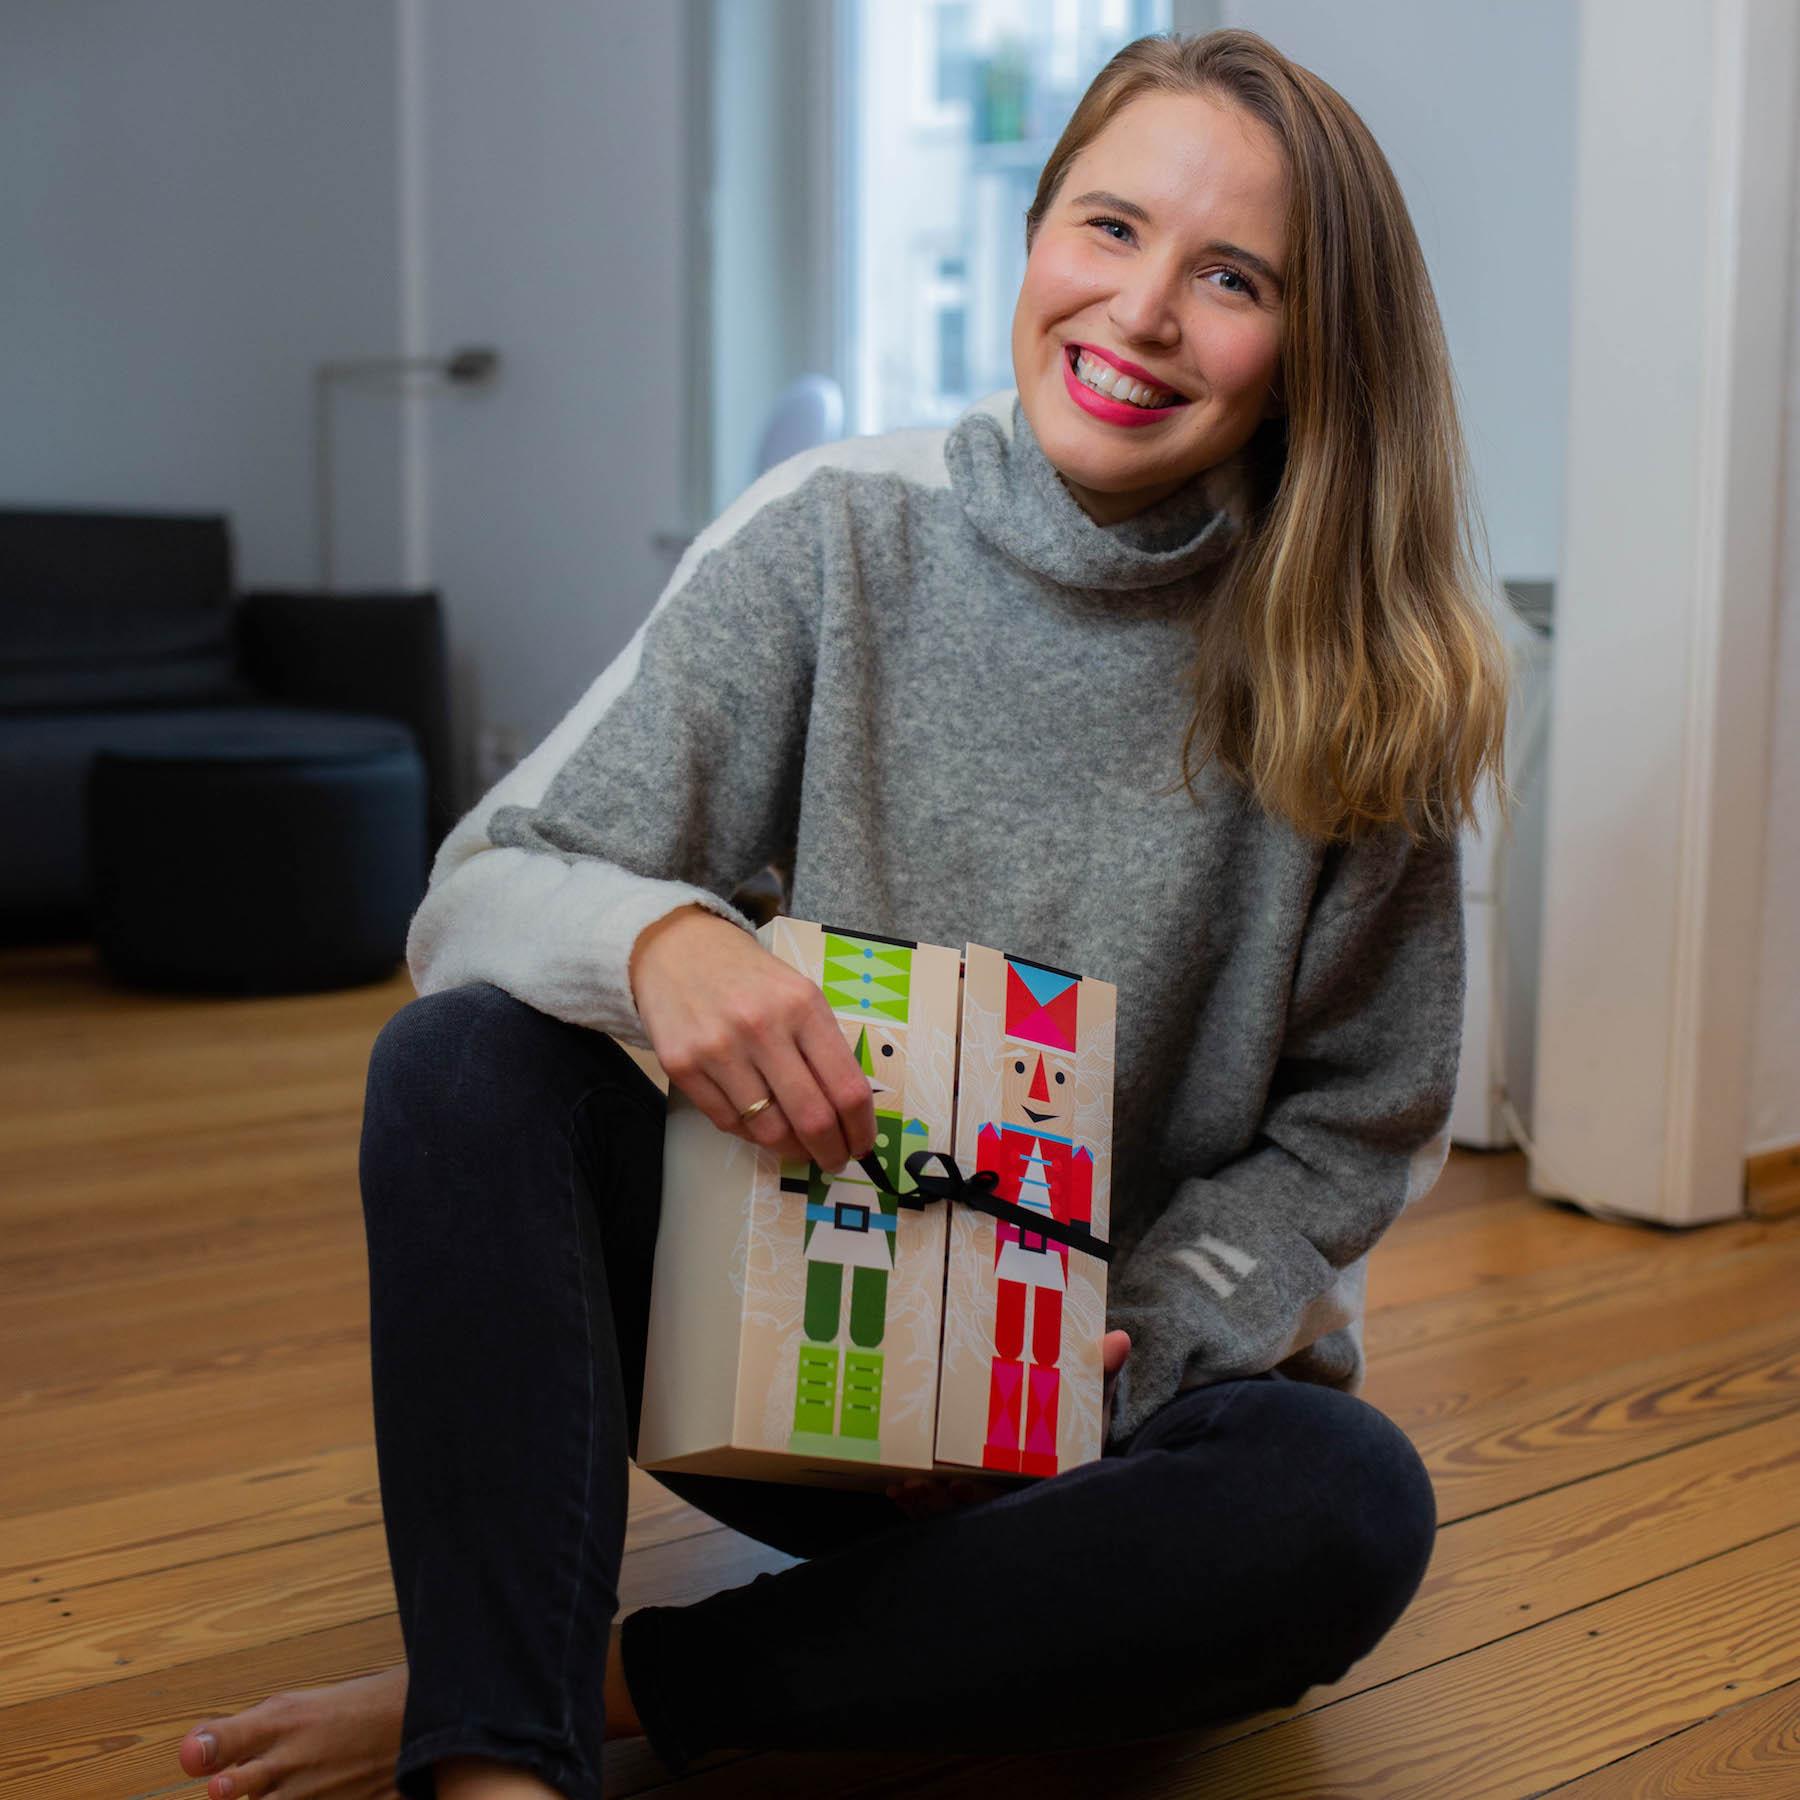 Geschenke Guide Weihnachtsgeschenke suelovesnyc_susan_fengler_geschenke_guide_weihnachtsgeschenke